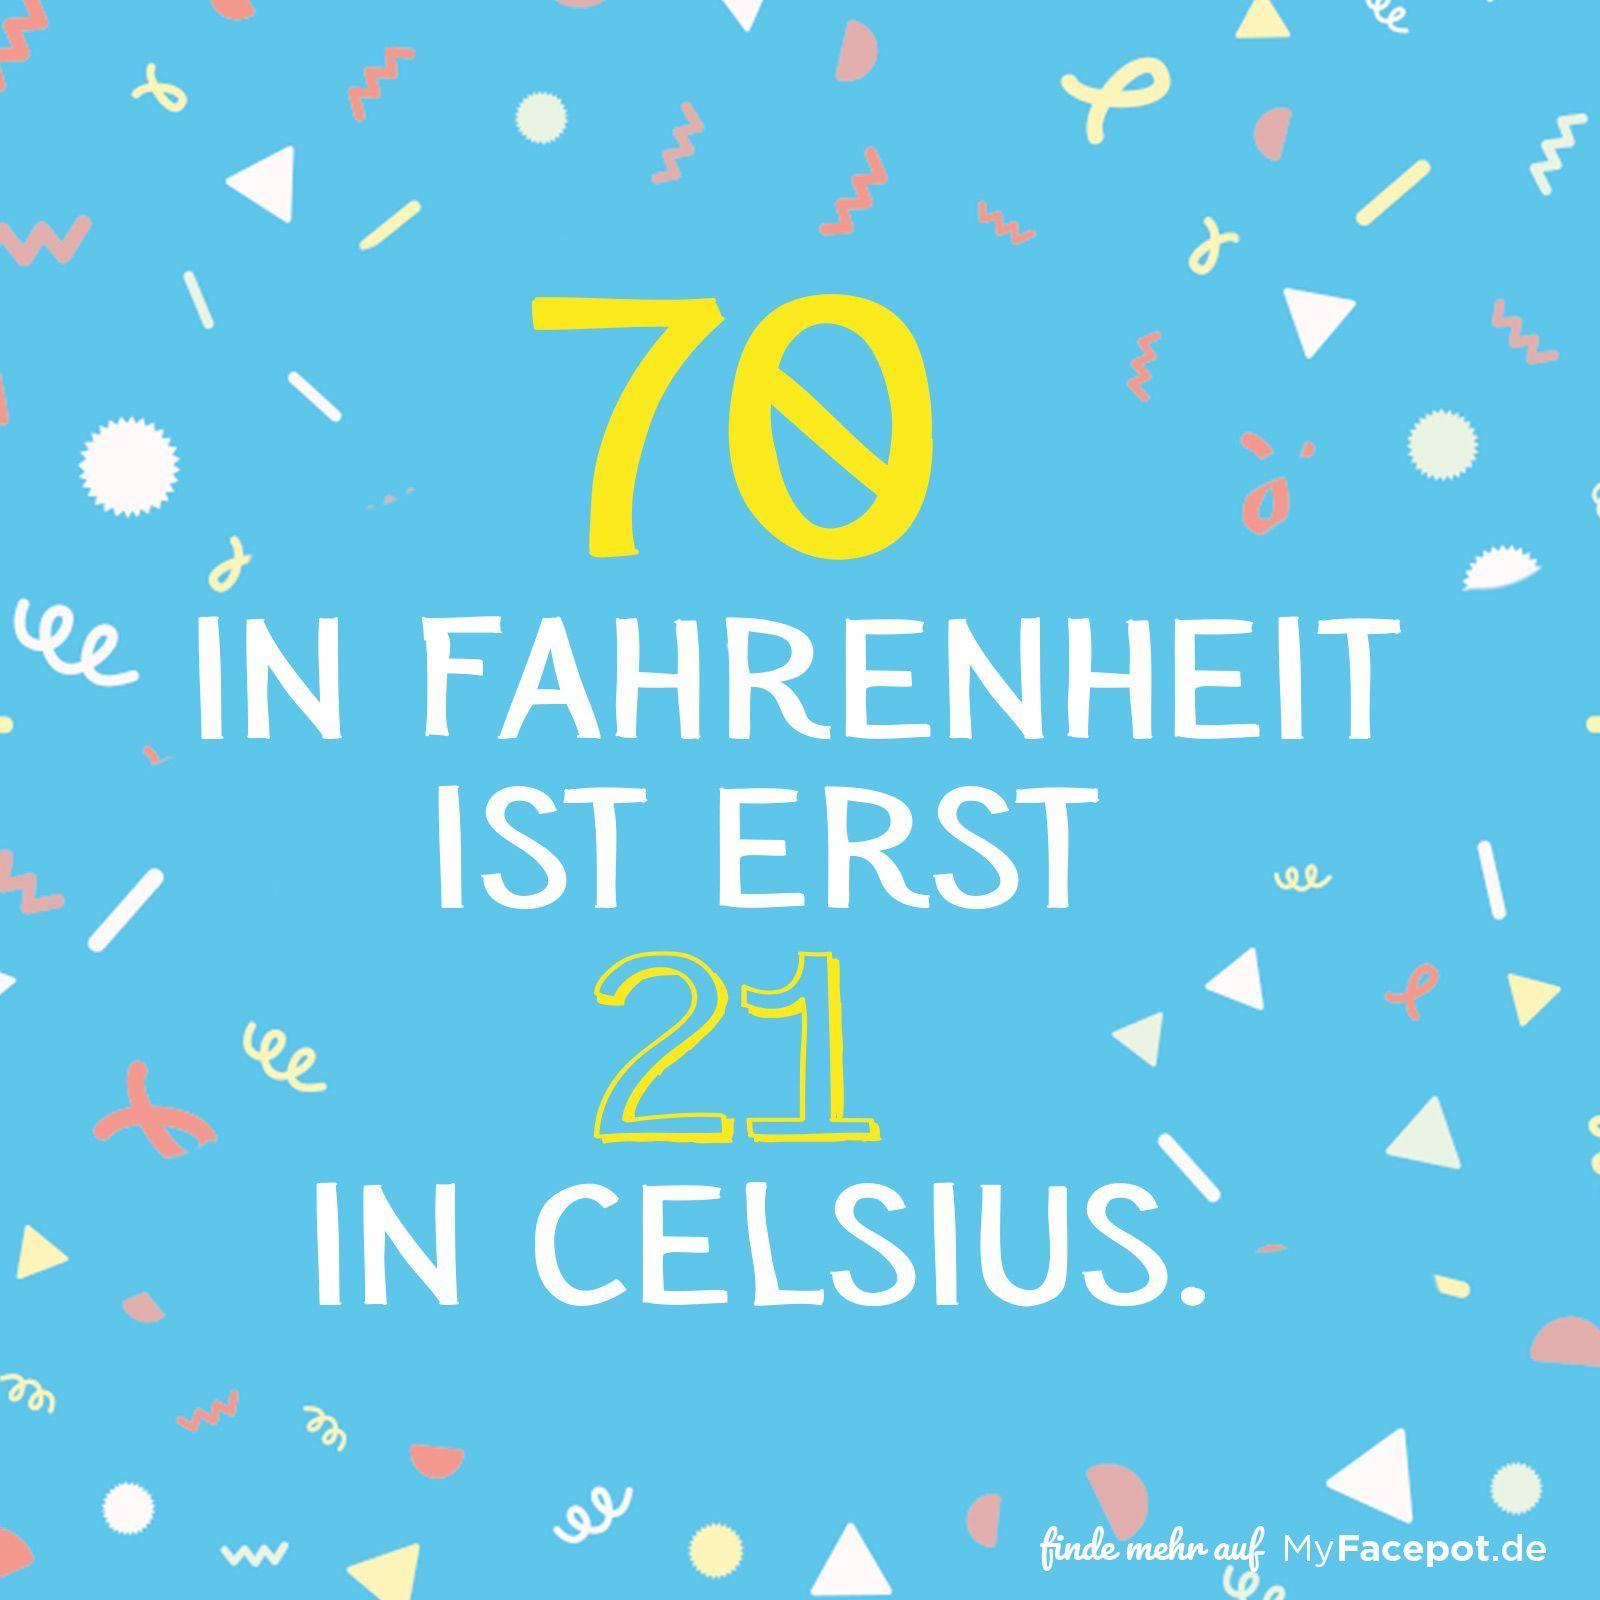 Gluckwunsche Zum 70 Geburtstag Leicht Gemacht Mit 2 Fotos Von